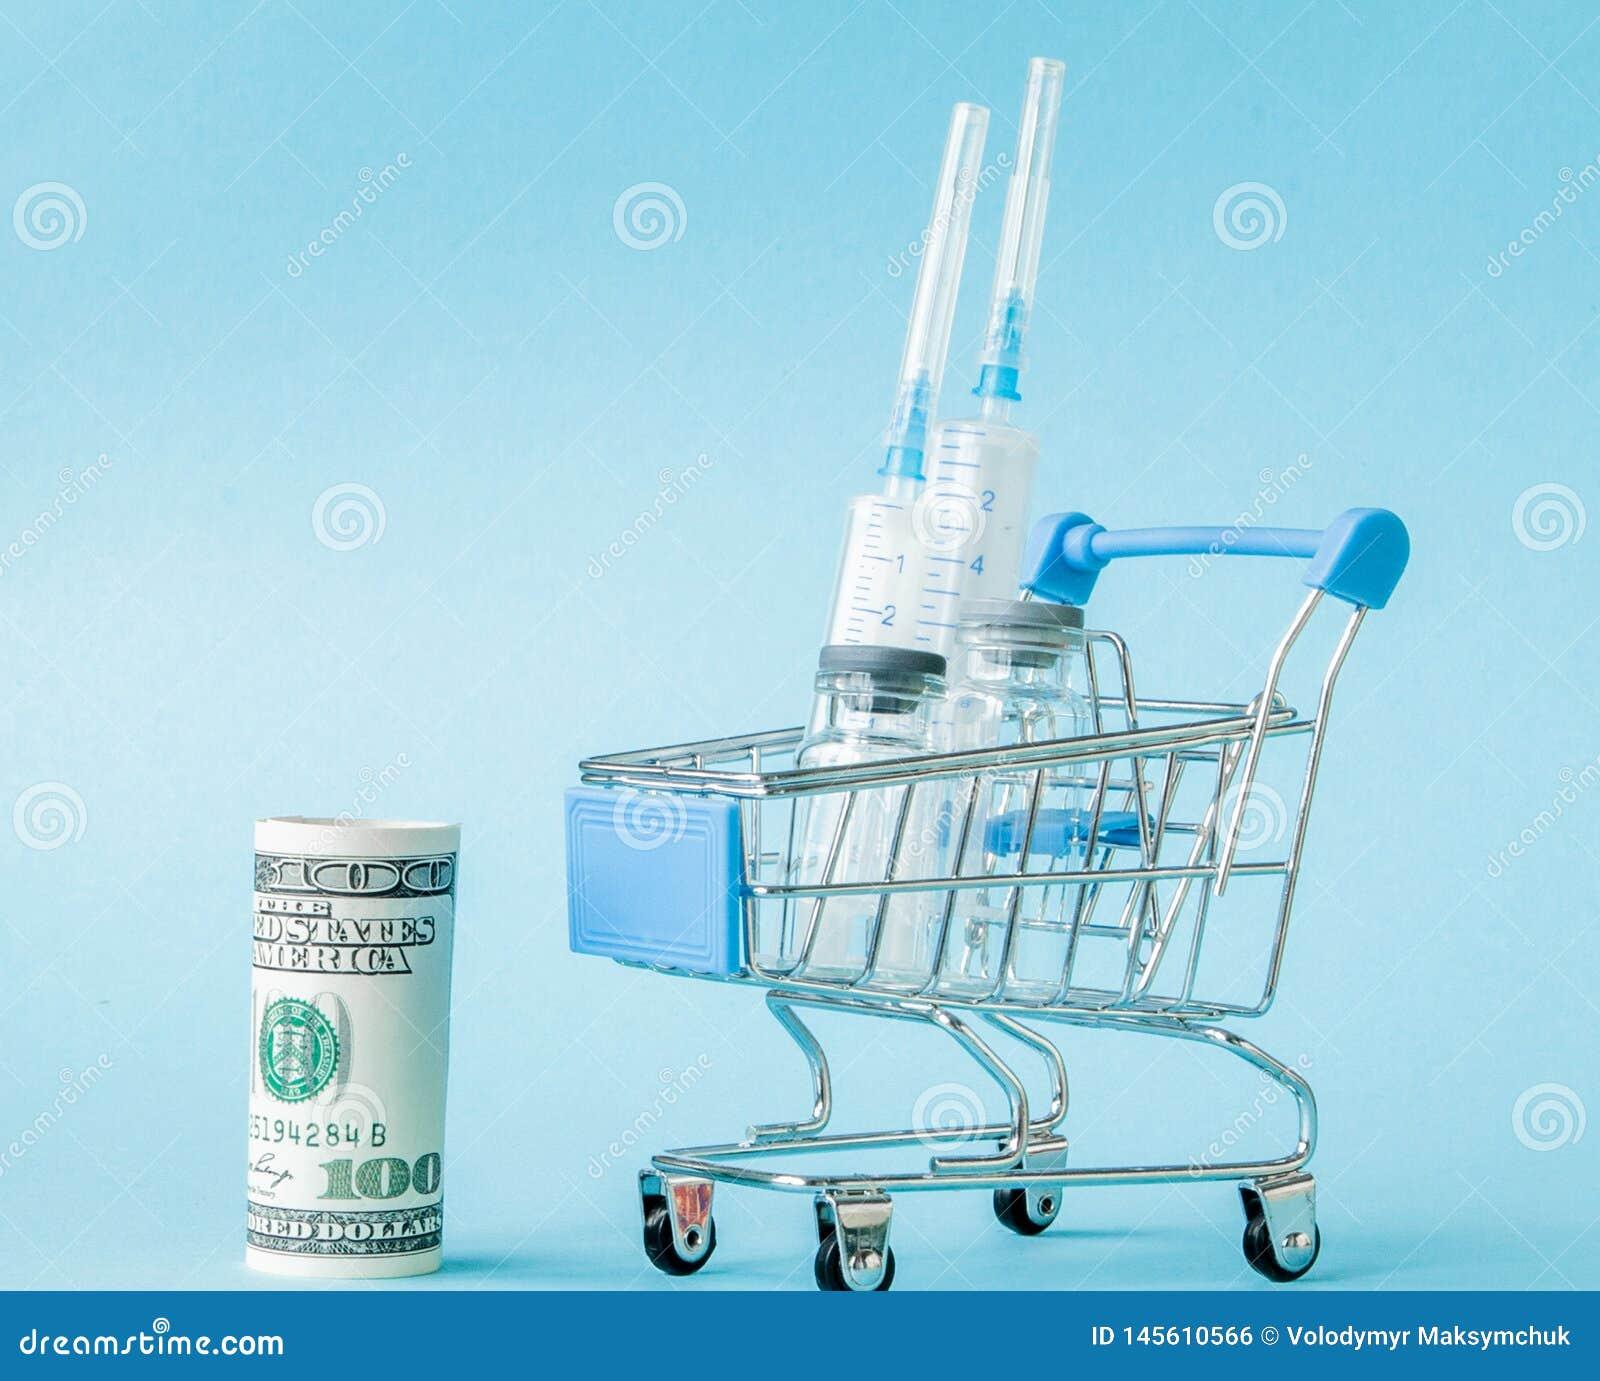 Medyczny zastrzyk i dolary w zakupy tramwaju na b??kitnym tle Kreatywnie pomys? dla koszt opieki zdrowotnej, apteka, zdrowie